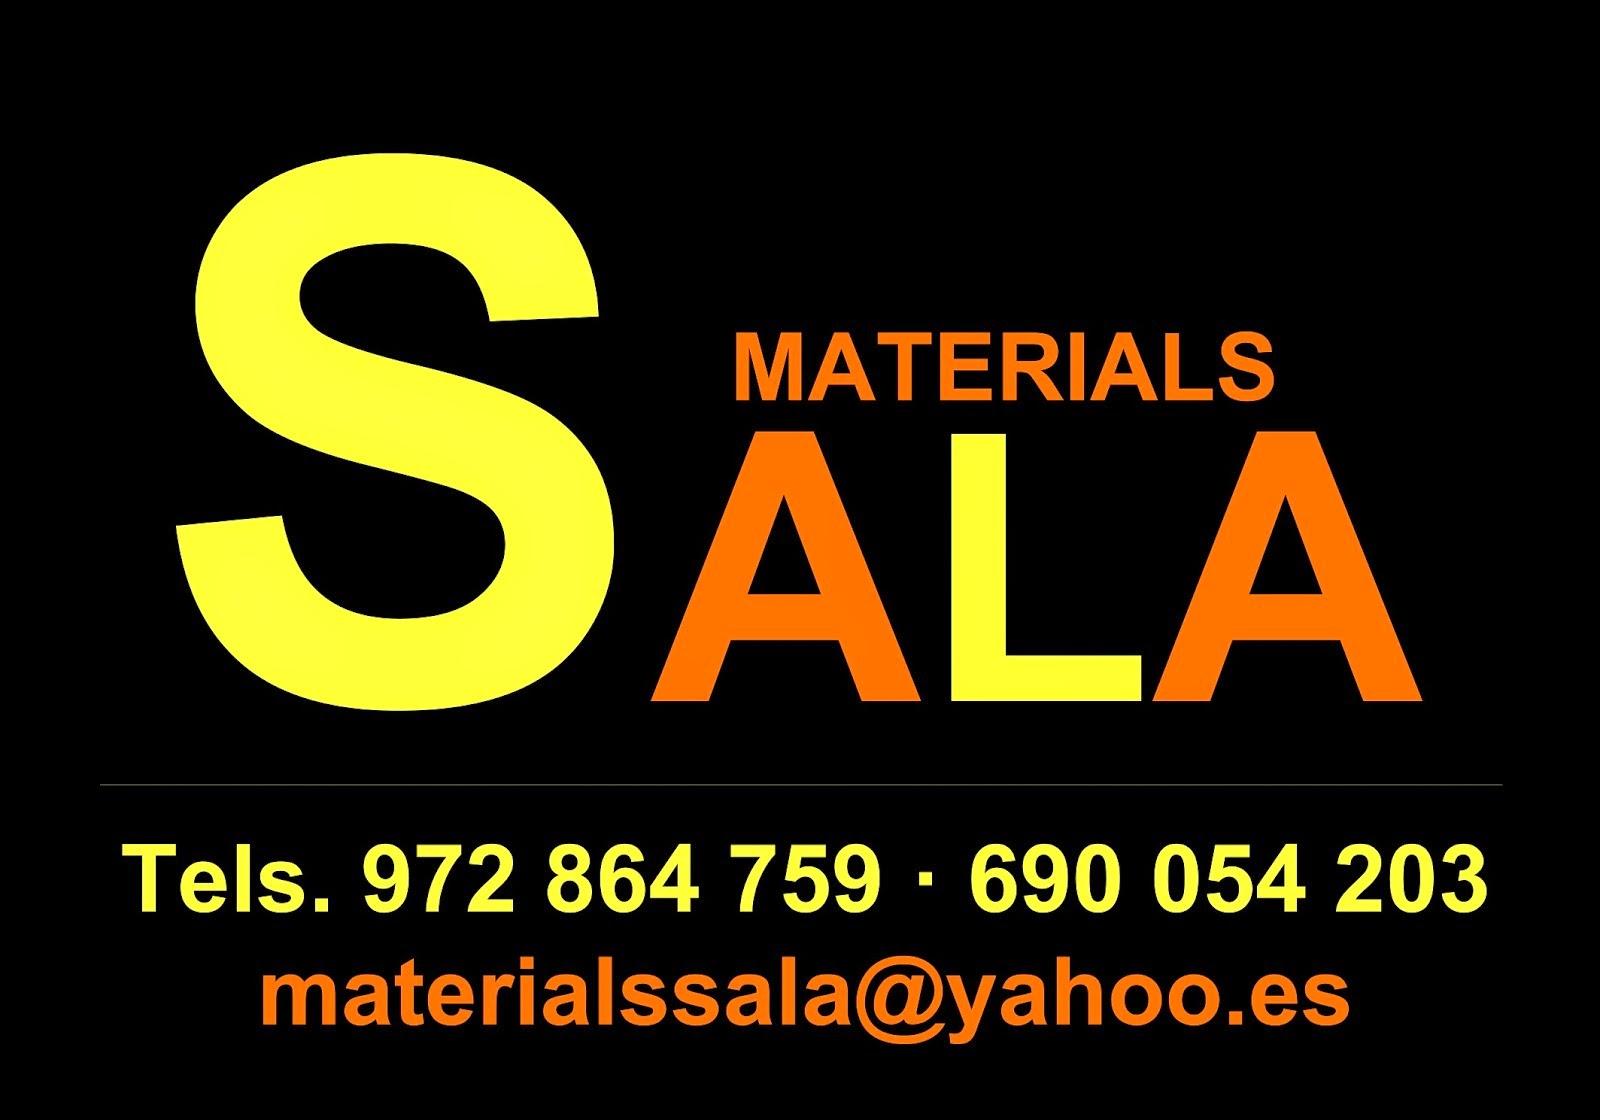 Materials Sala